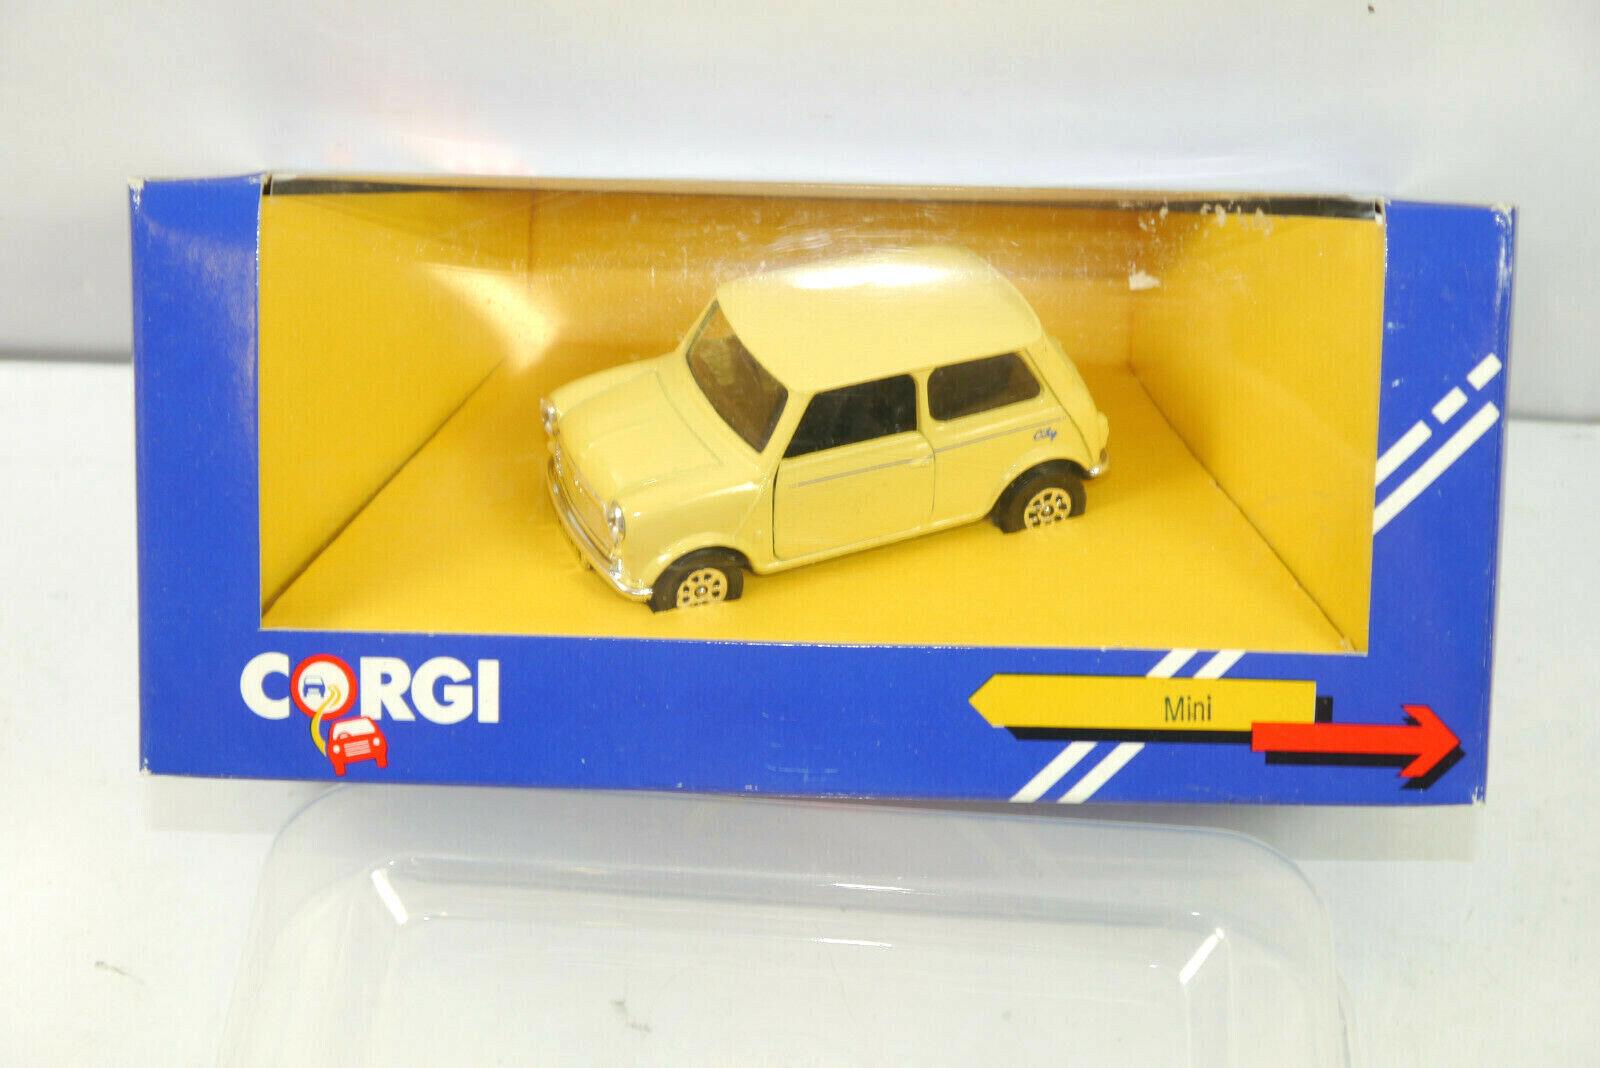 Corgi C330 8 8 8 Mini Cooper Ville de Brun Beige Métal Modèle Voiture 1 43 (K86)   fe97e2